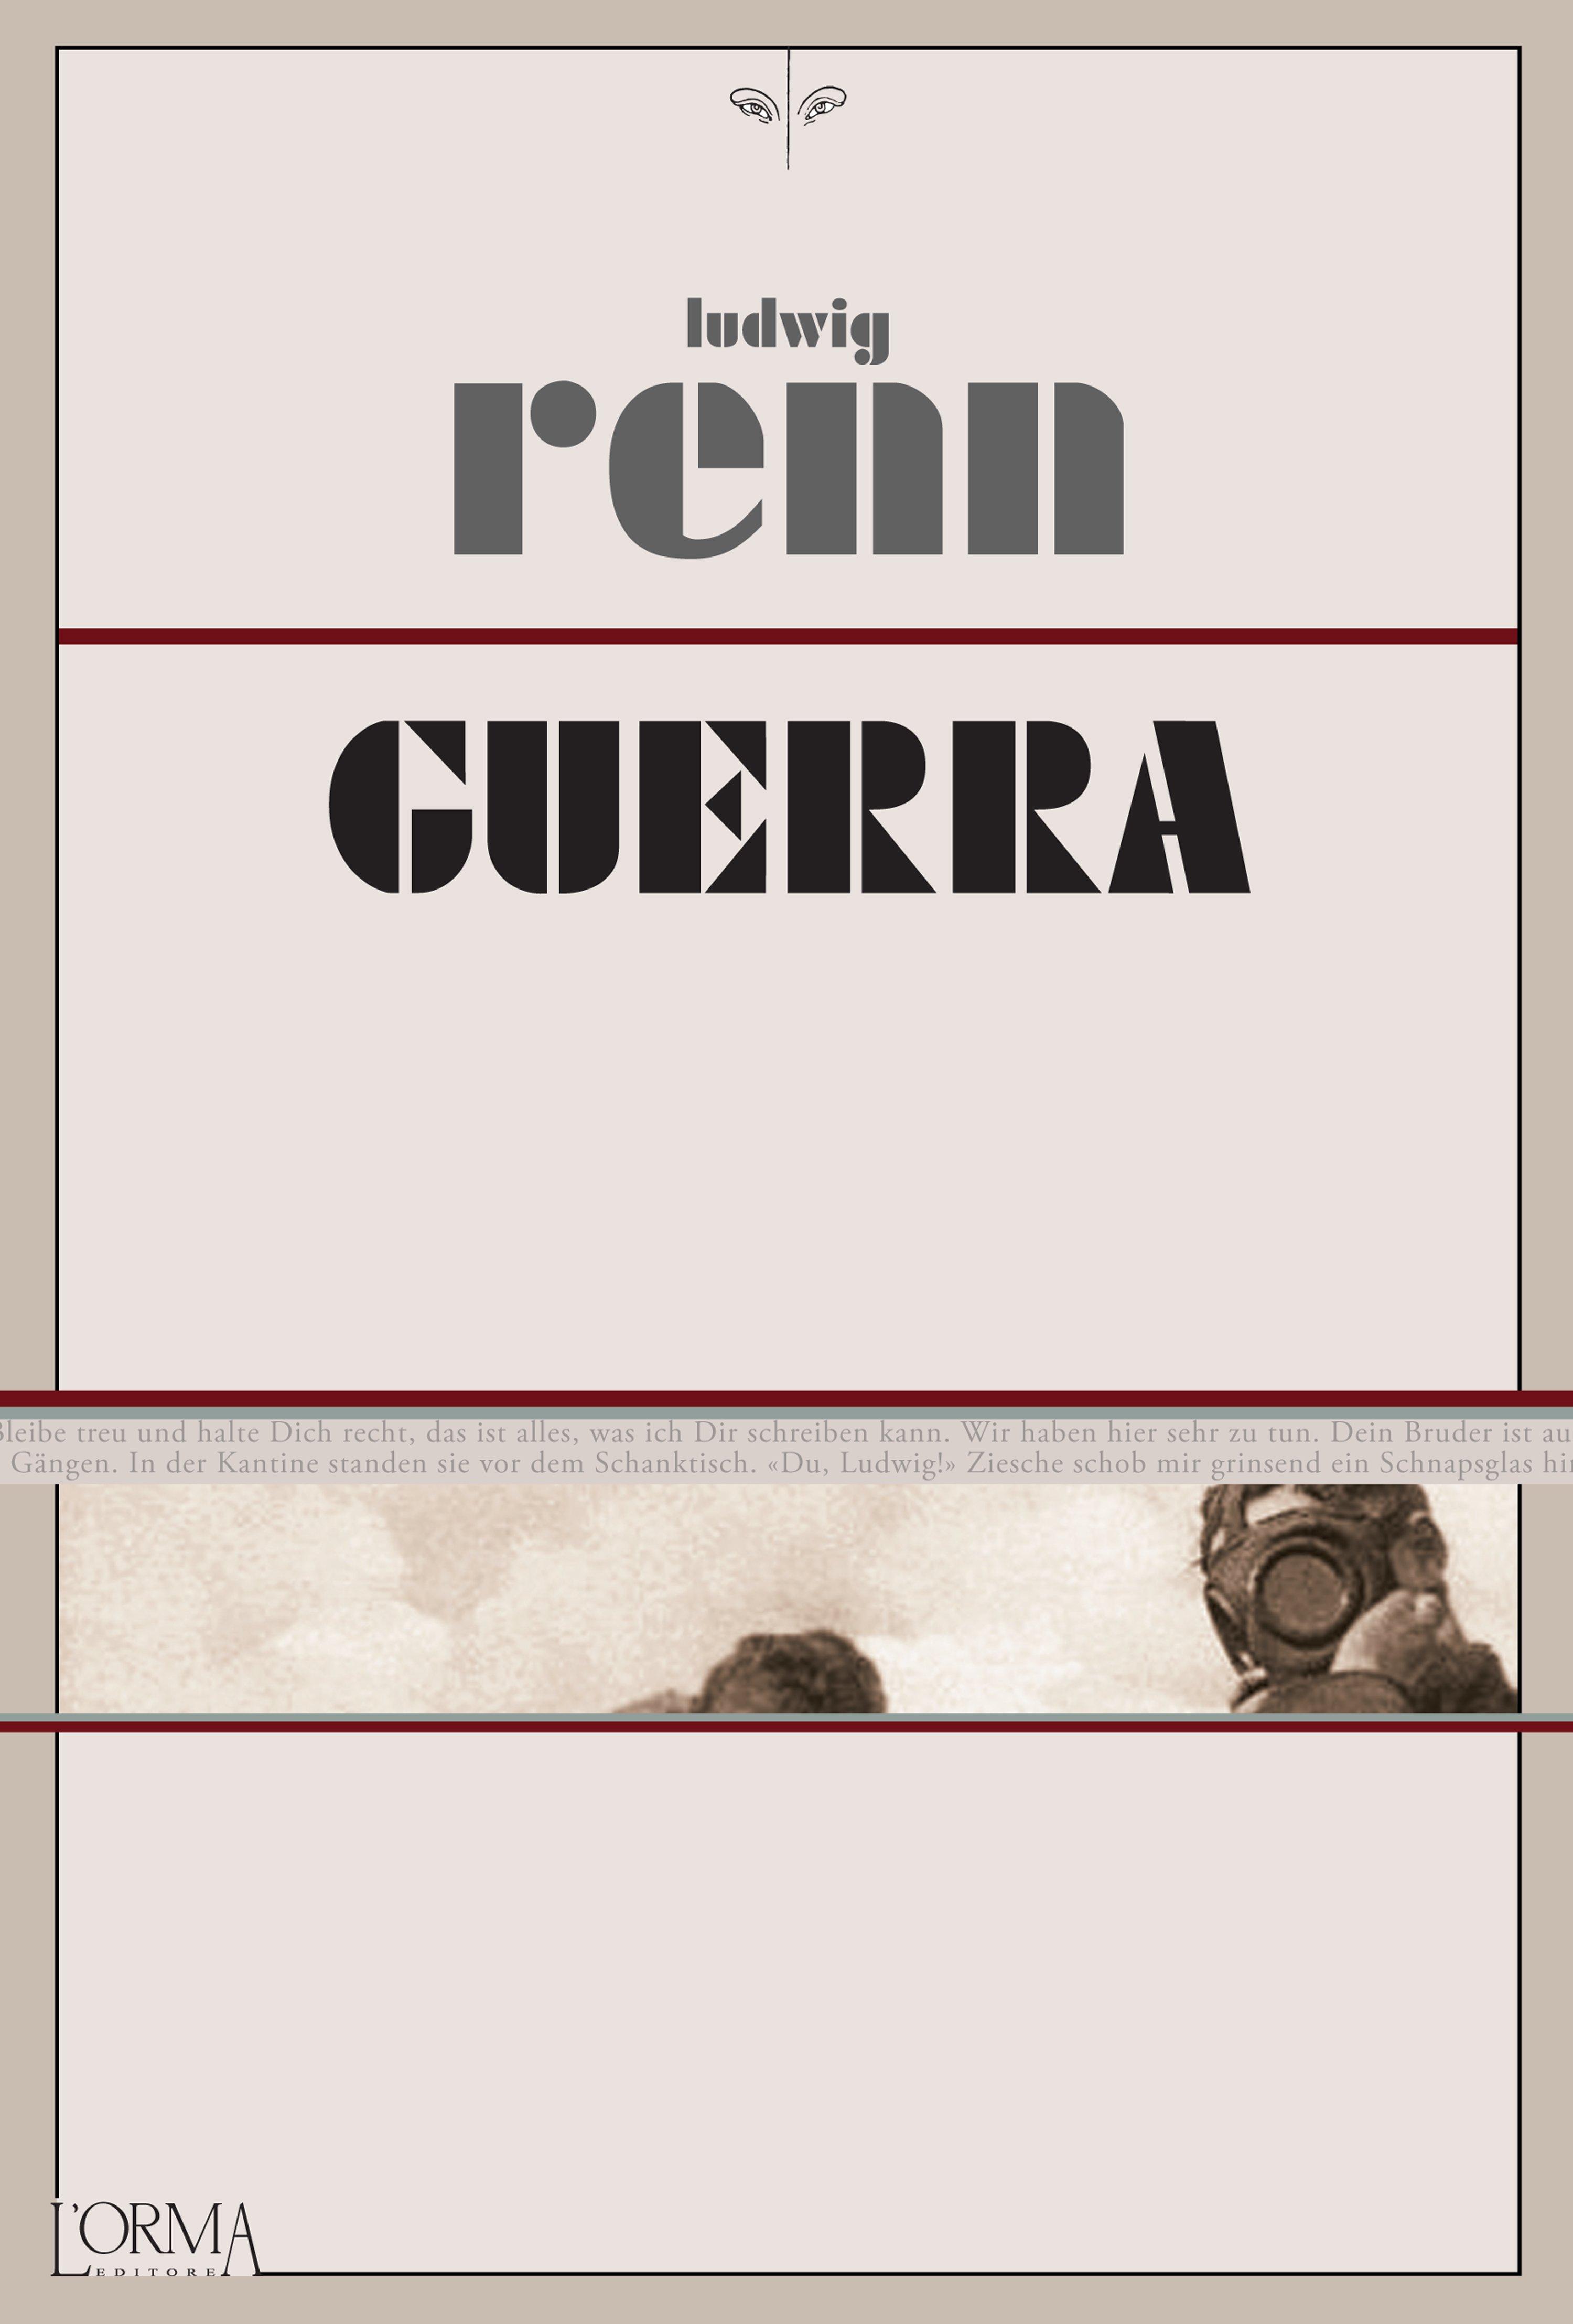 Risultati immagini per Renn: Guerra», L'Orma